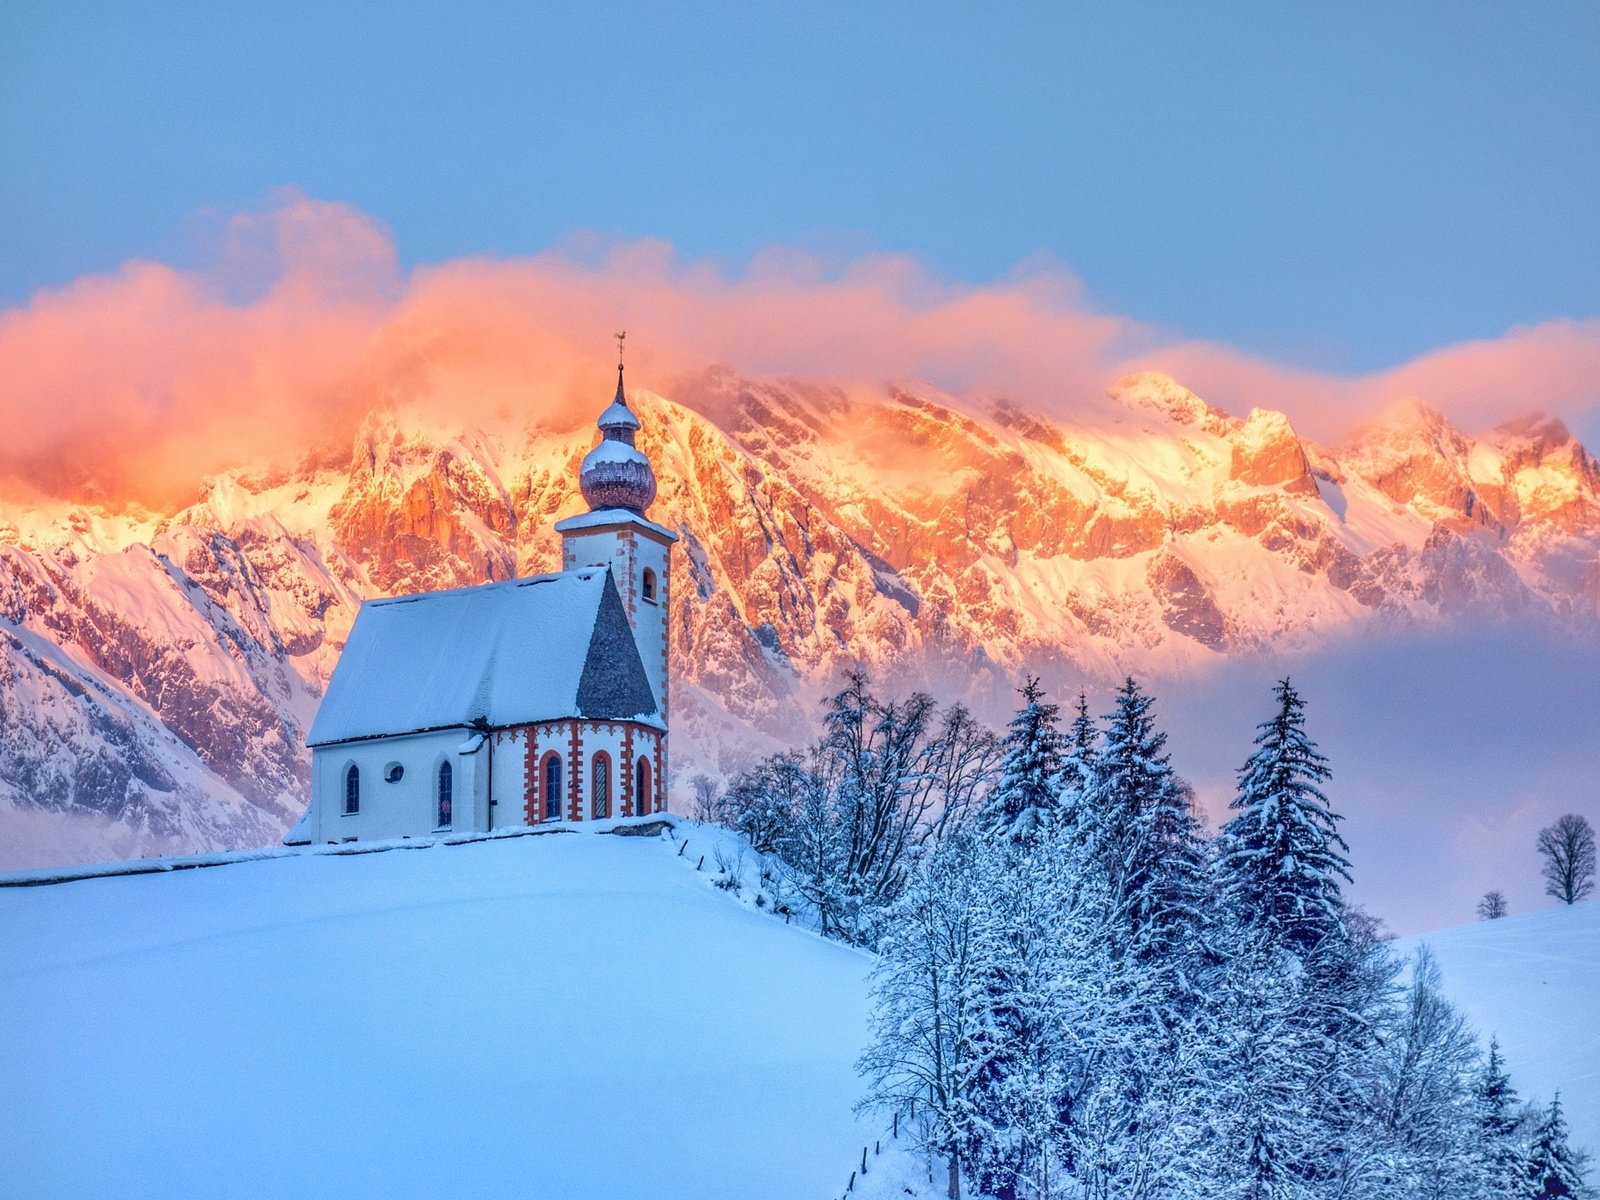 природа, пейзаж, зима, лес, ели, деревья, снег, горы, холм, церковь, часовня